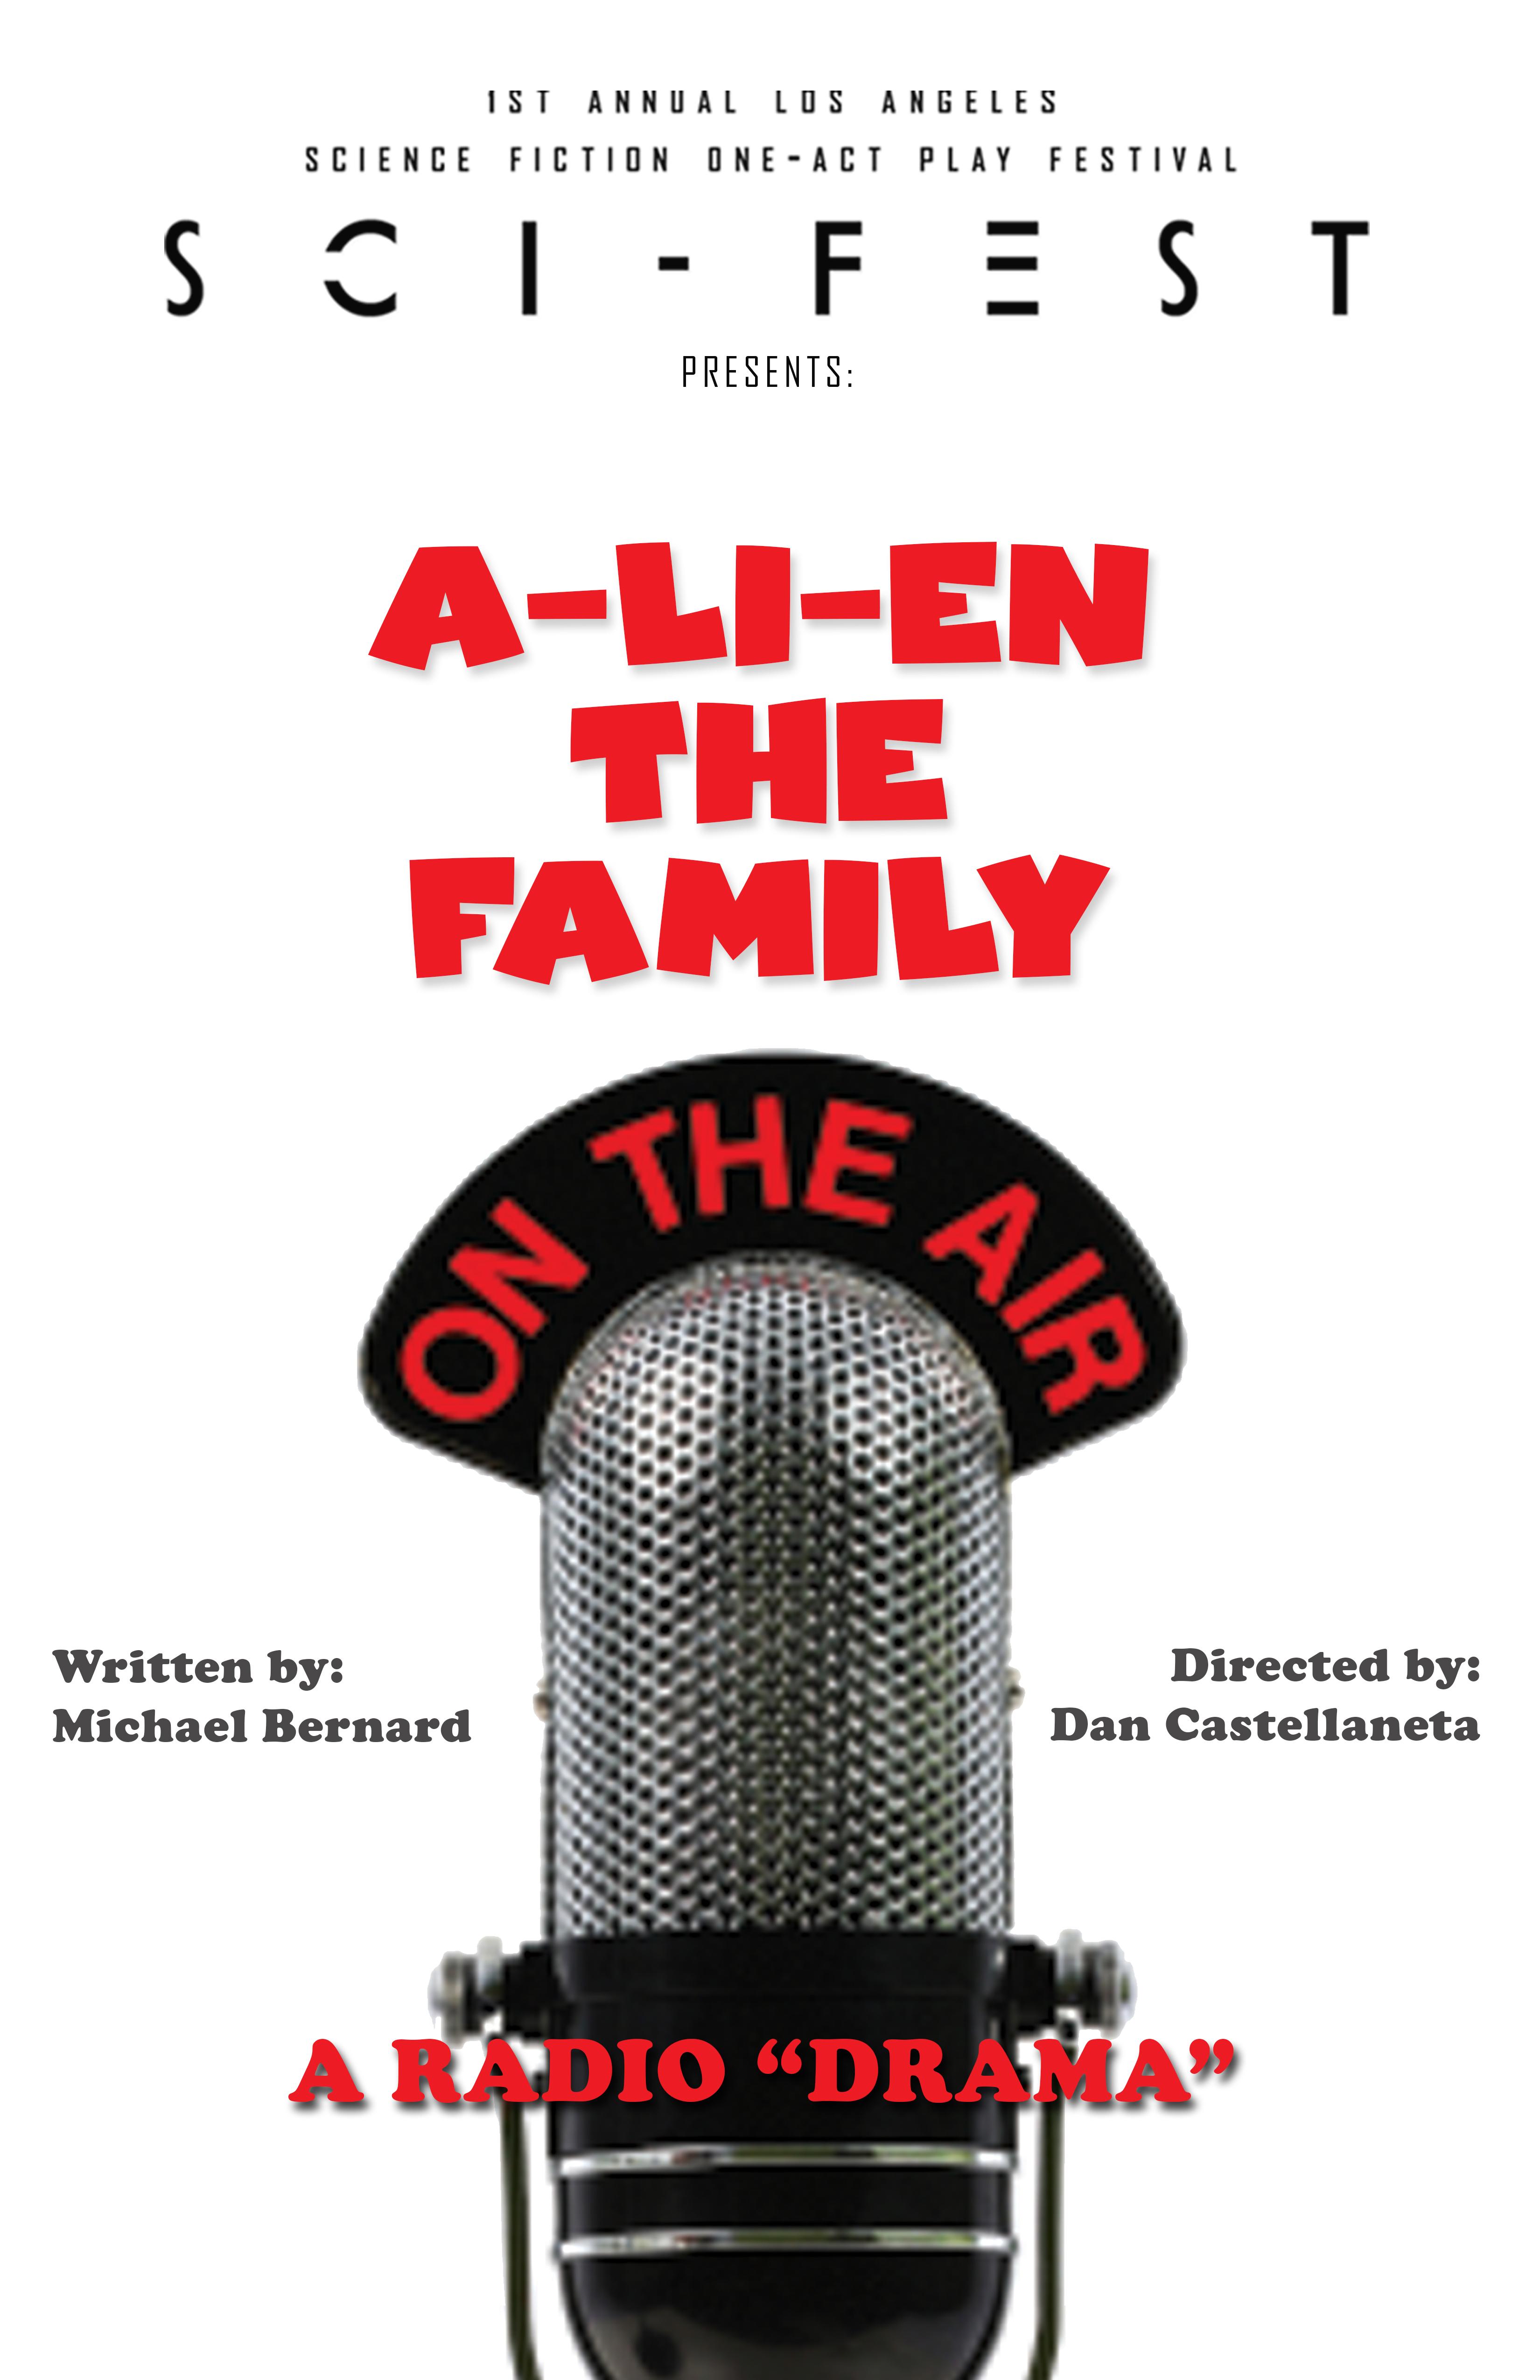 A-LI-EN THE FAMILY